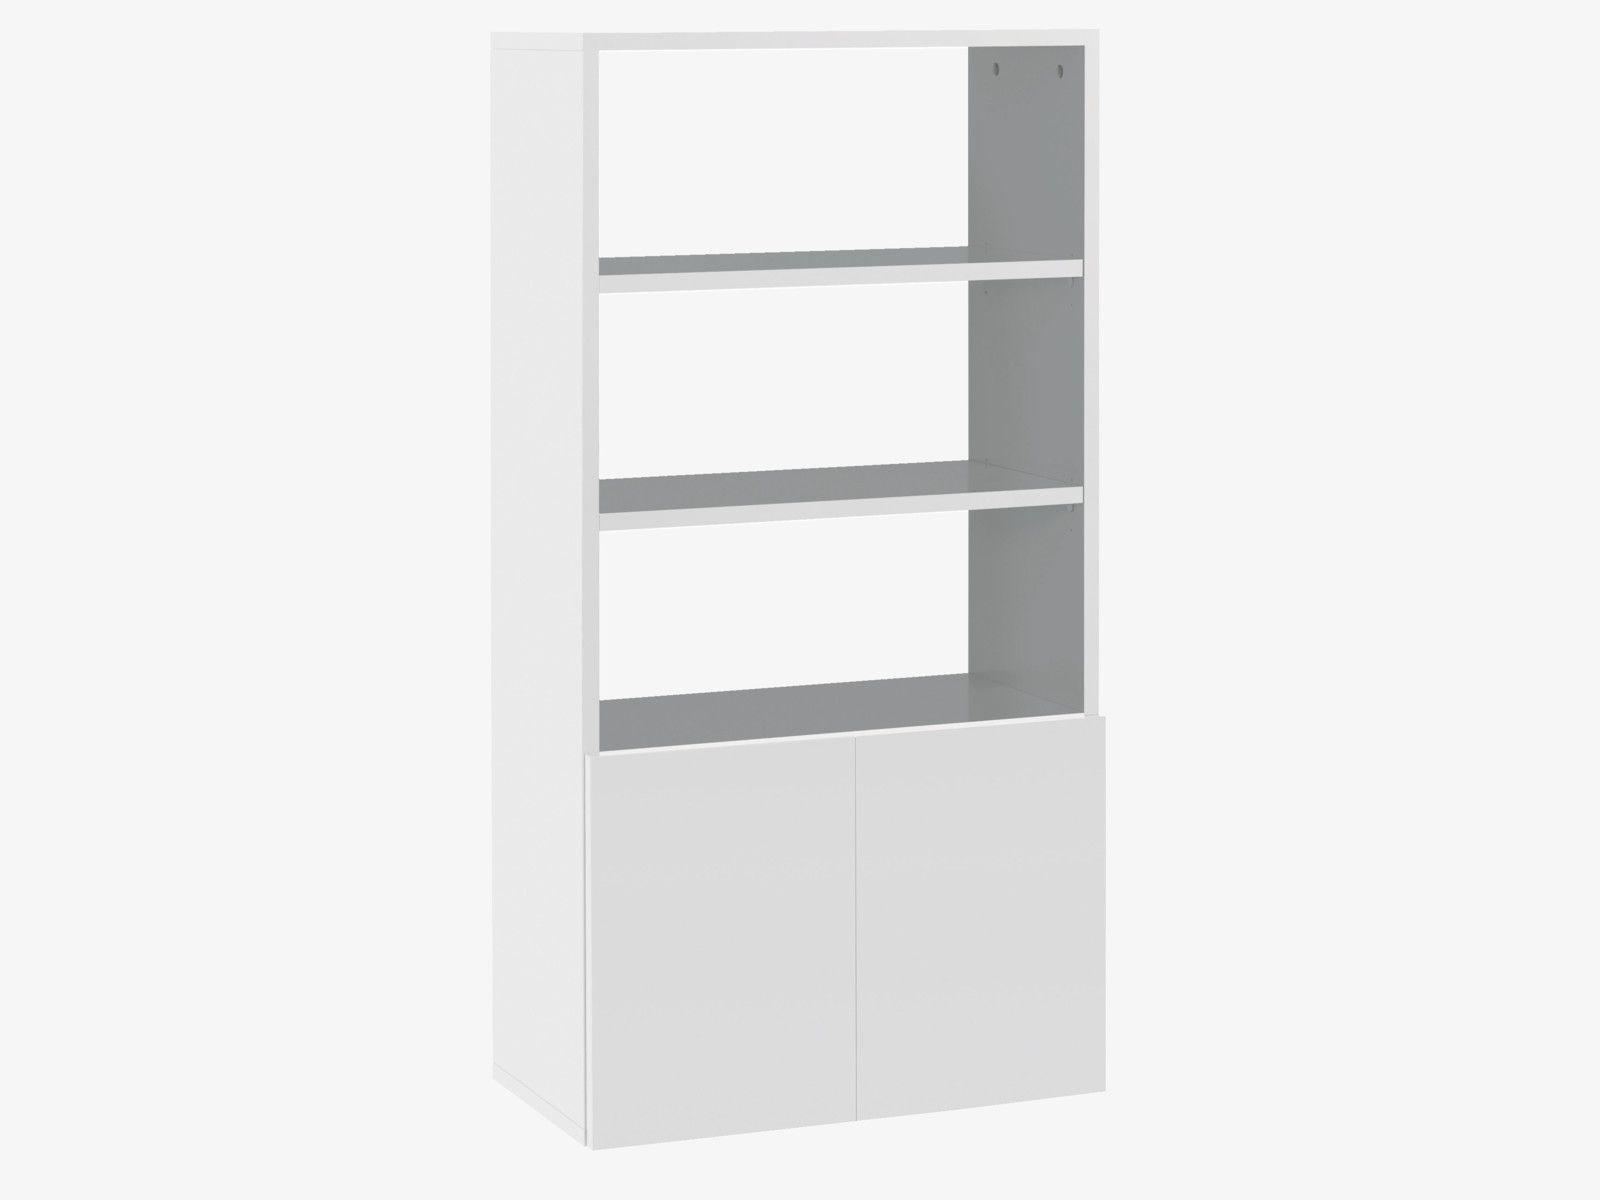 Kubrik Whites High Gloss White Short Shelving Unit Habitatuk Roomdividerbookshelves